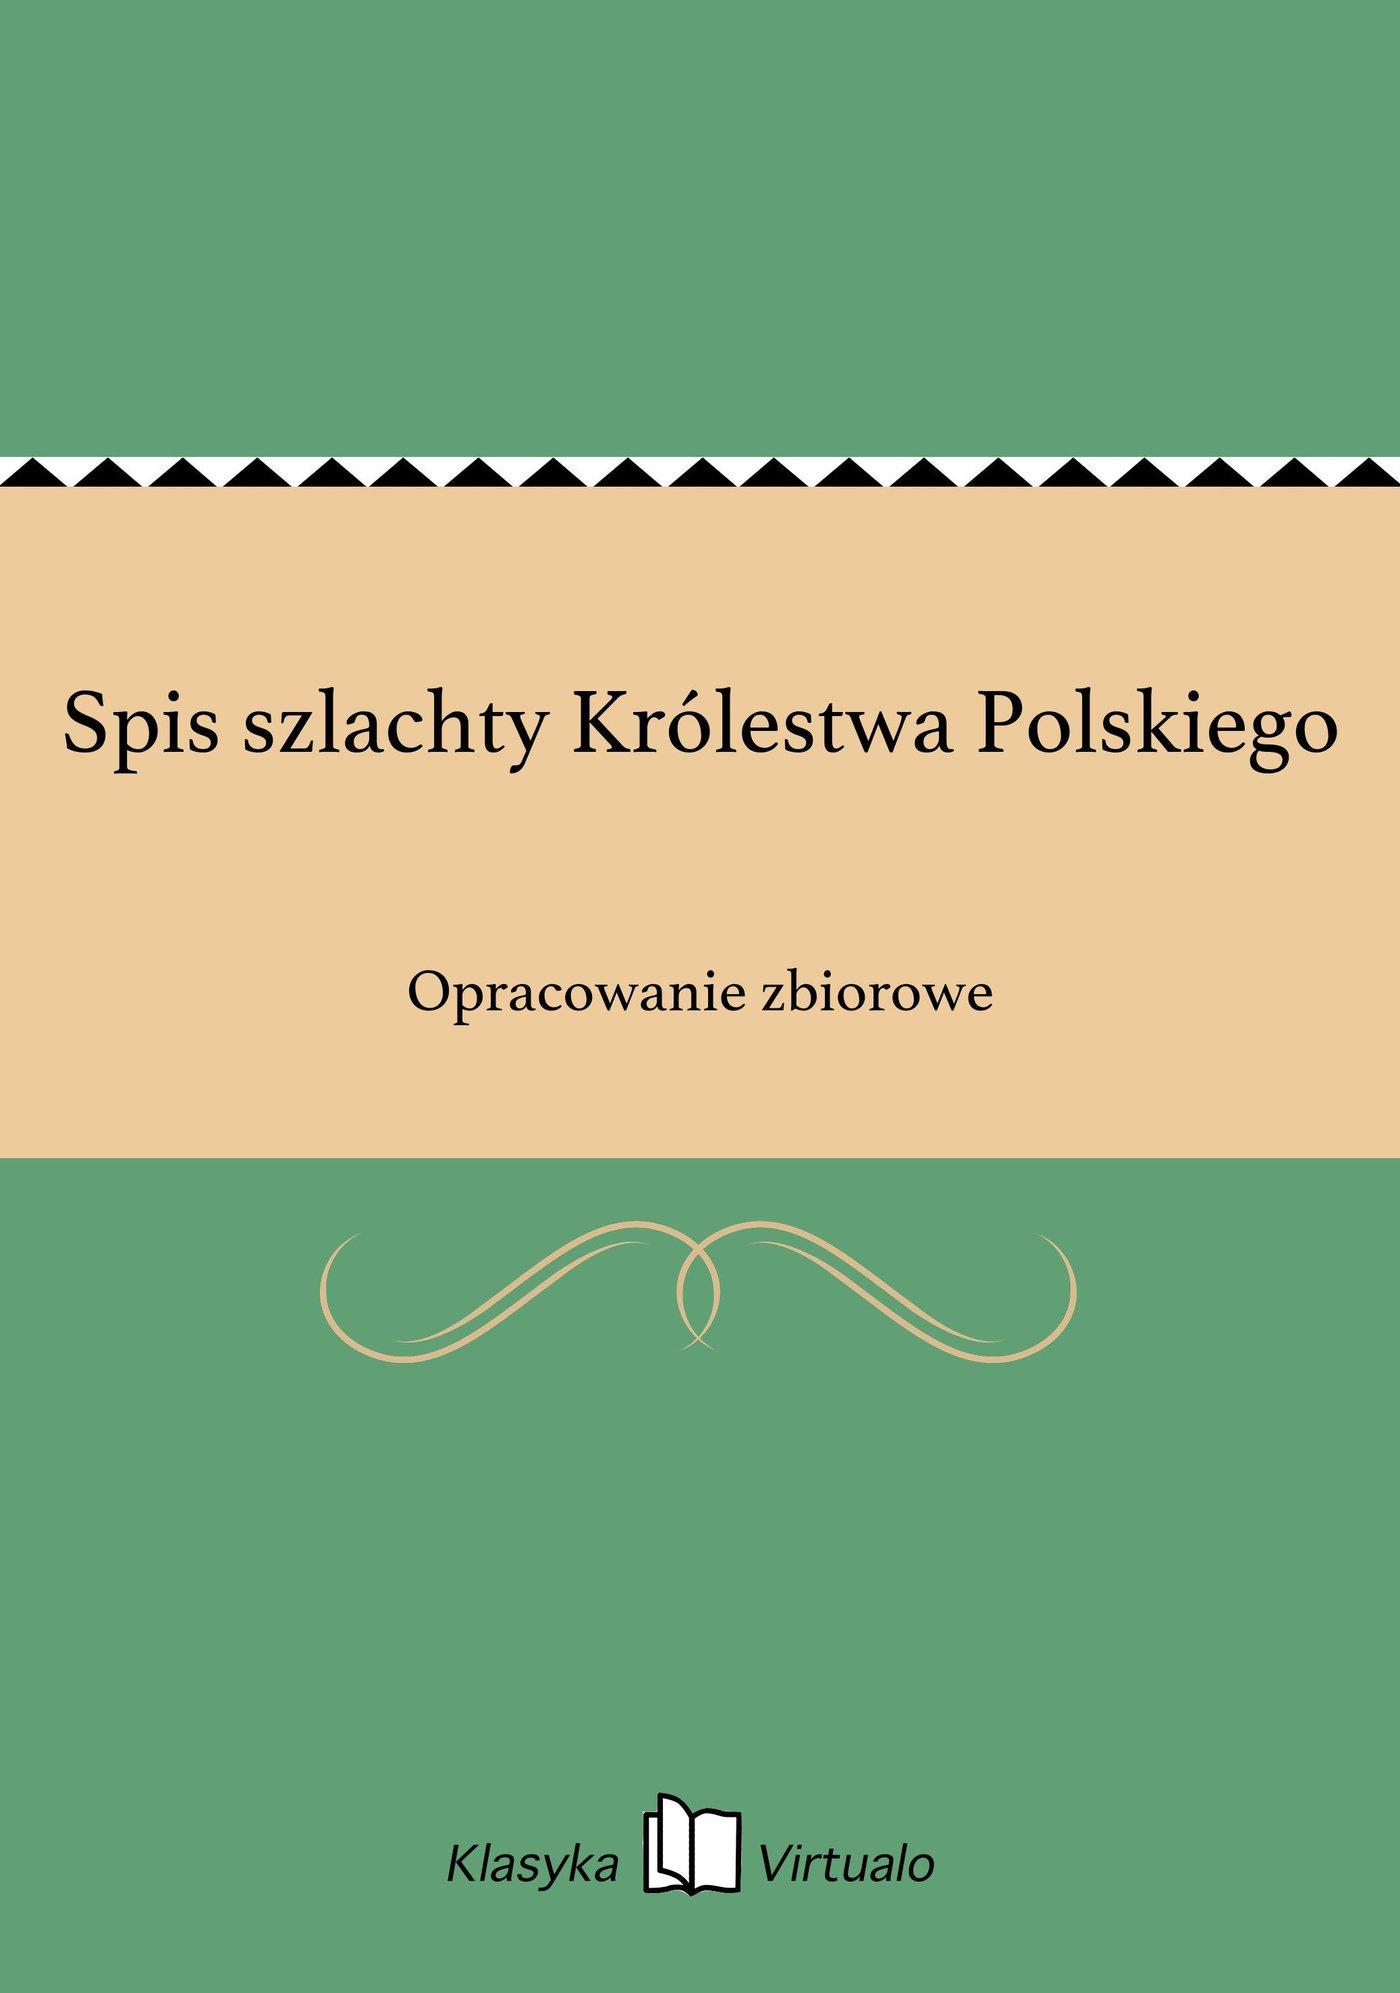 Spis szlachty Królestwa Polskiego - Ebook (Książka EPUB) do pobrania w formacie EPUB